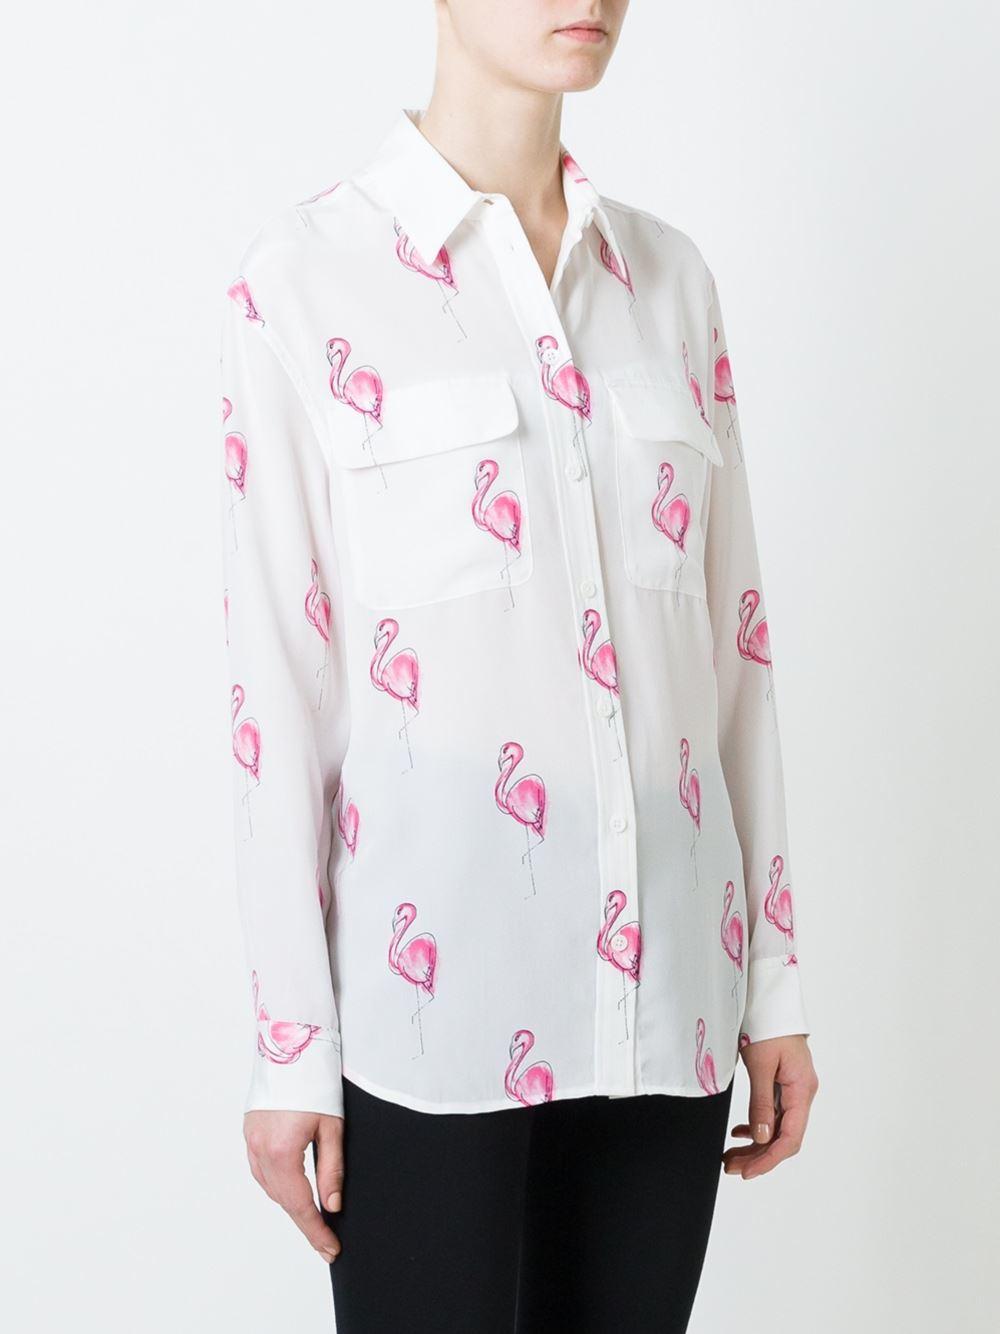 Lyst - Equipment Flamingo Print Shirt in White